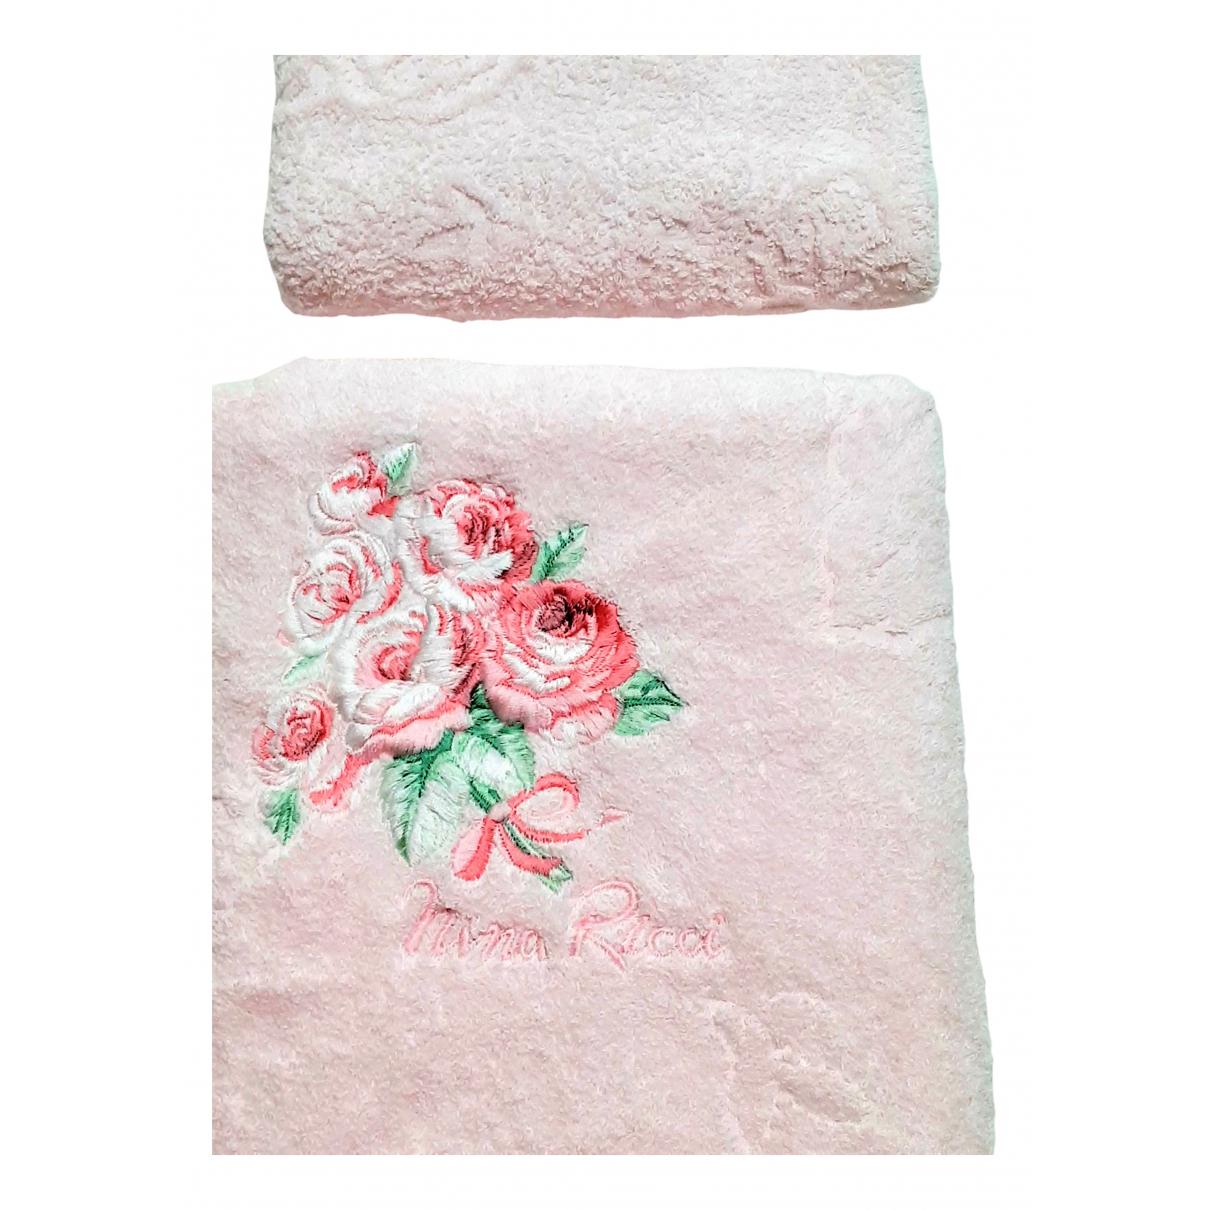 Textil de hogar de Lana Nina Ricci